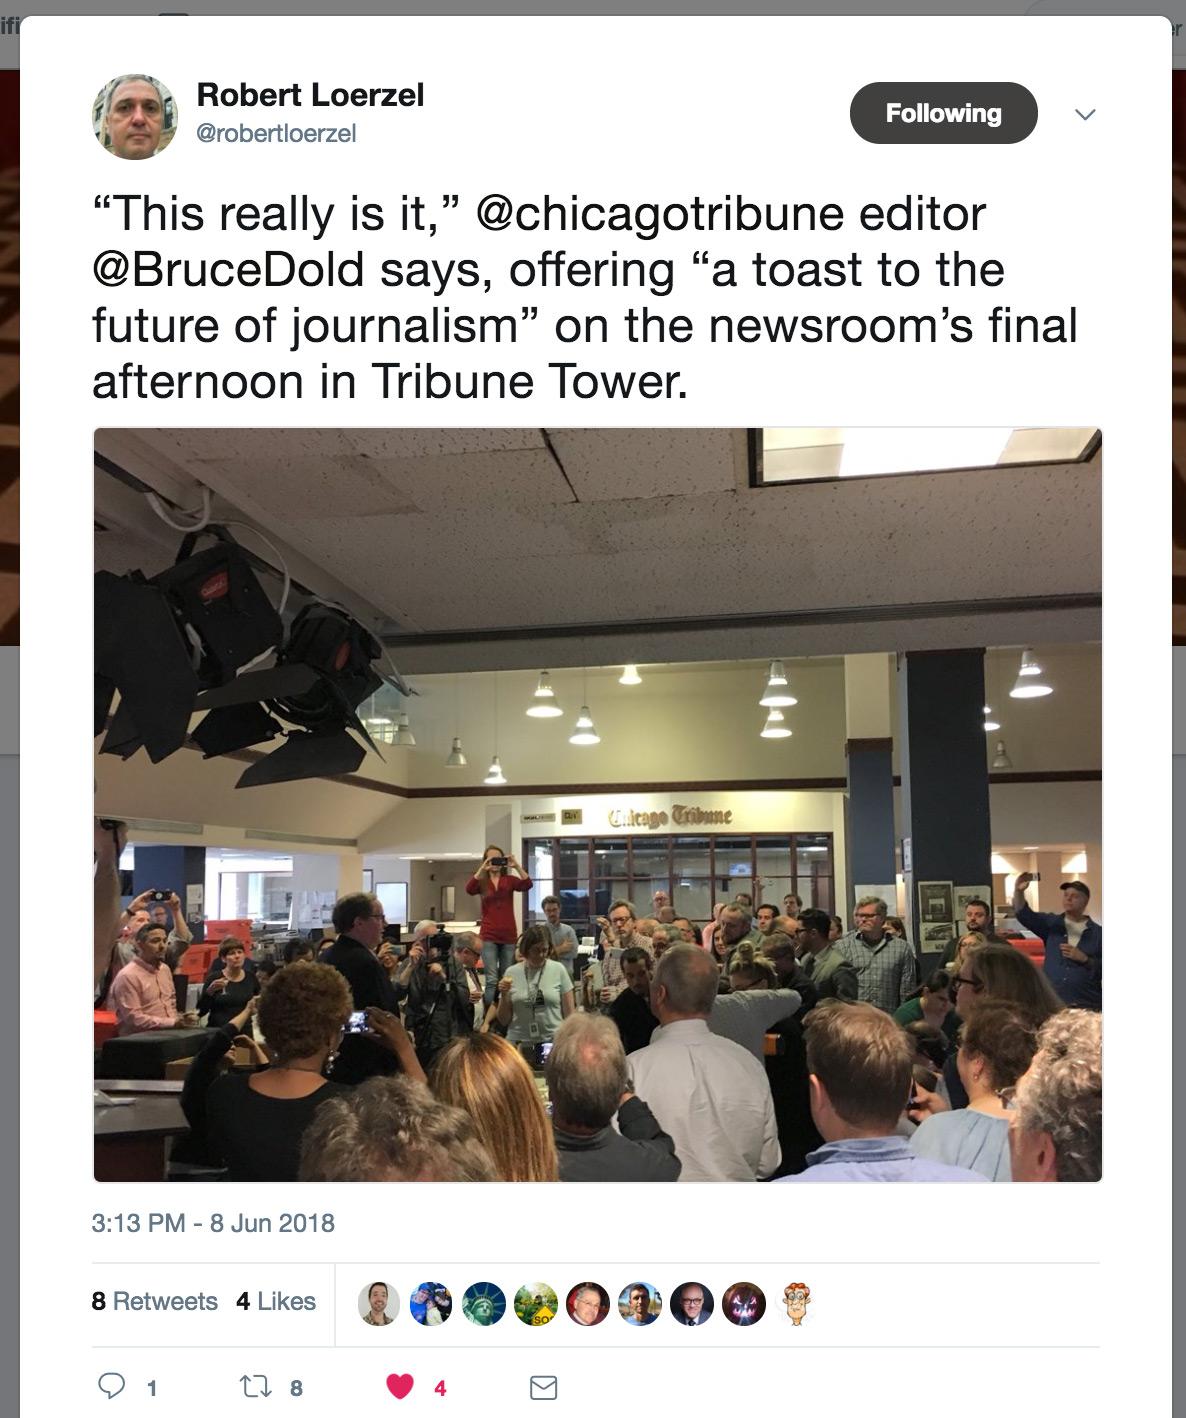 Tribune Tower farewell speech by Bruce Dold. Tweet by @robertloerzel